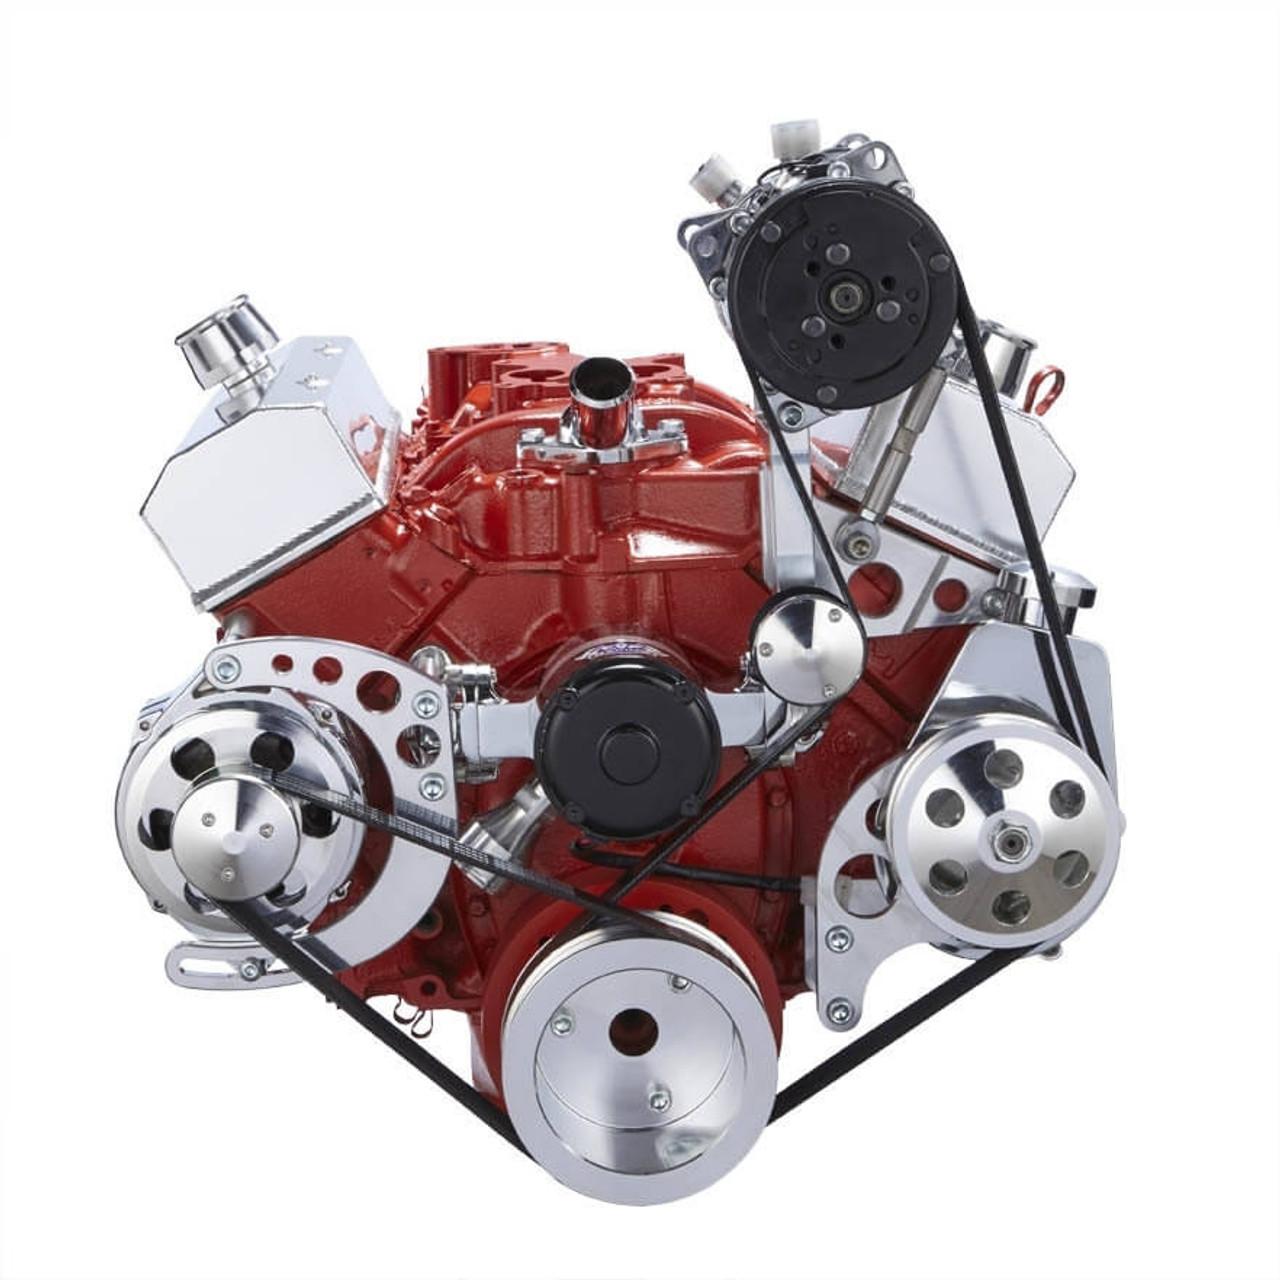 Power Steering Lines Diagram On Chevy Cobalt Power Steering Wiring